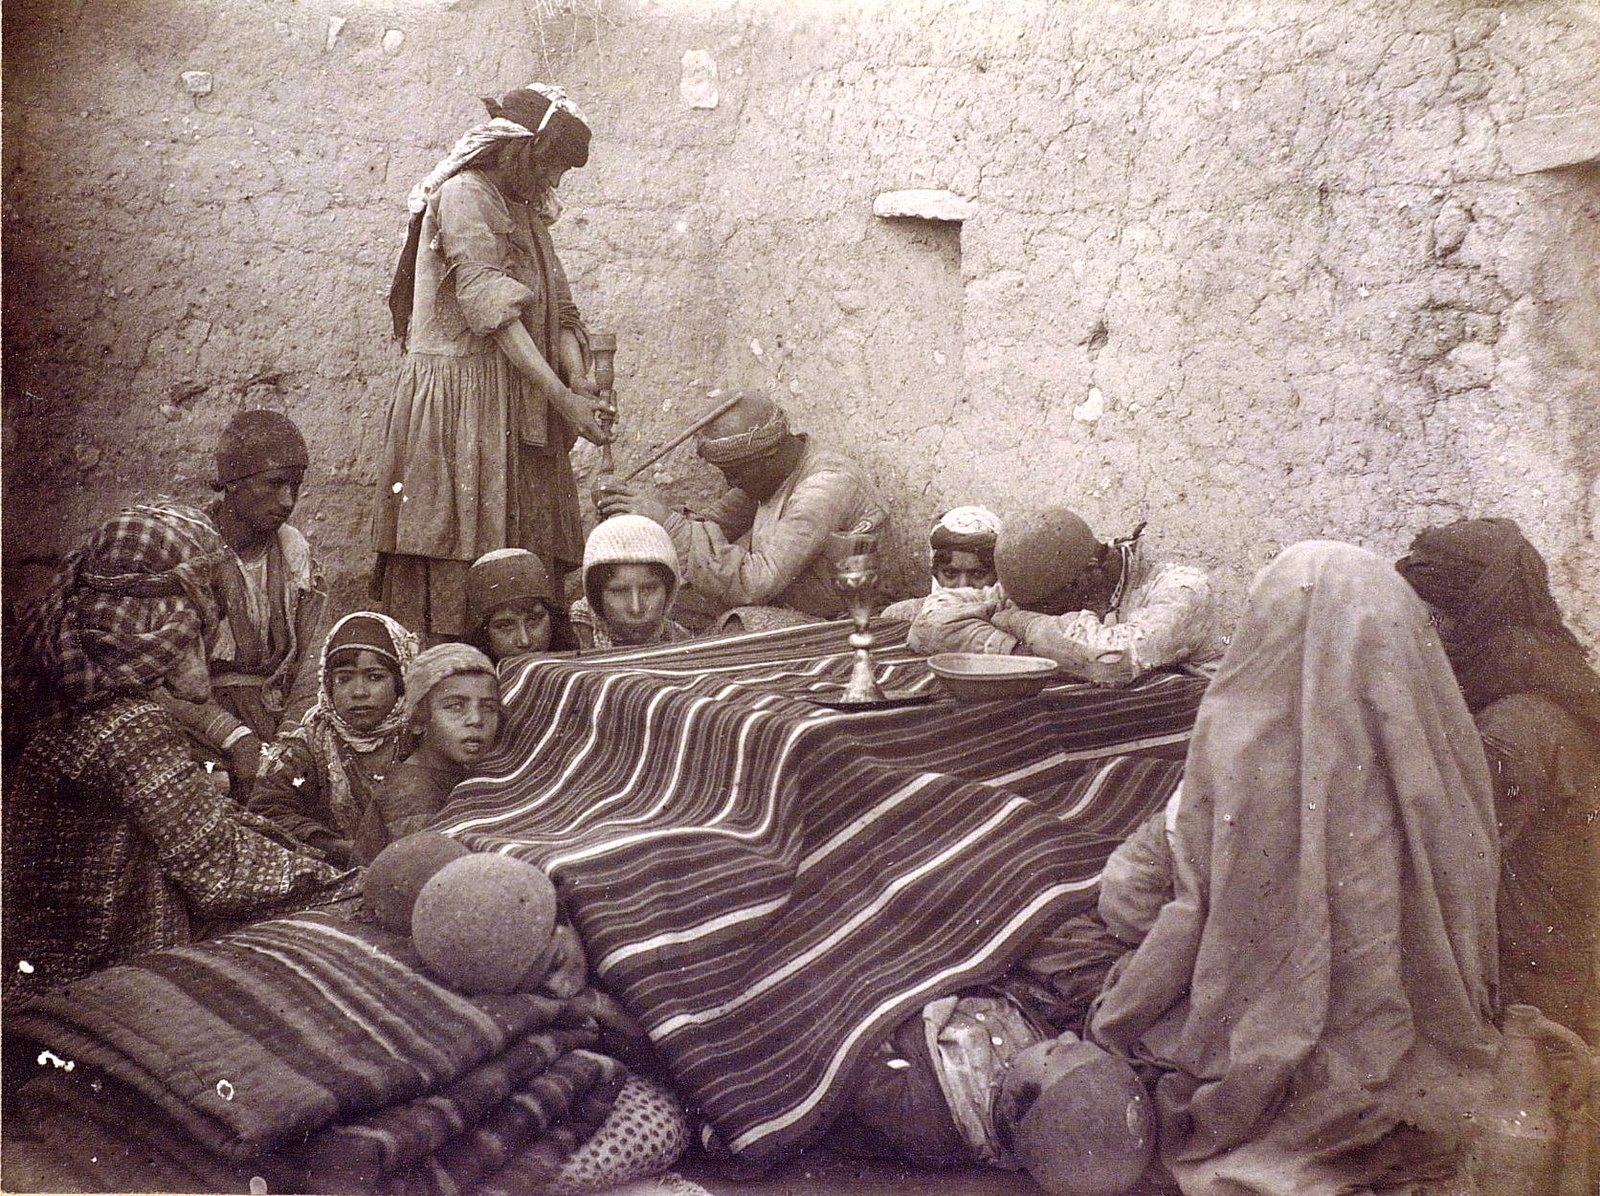 Семья иранцев возле кичи (грелки)